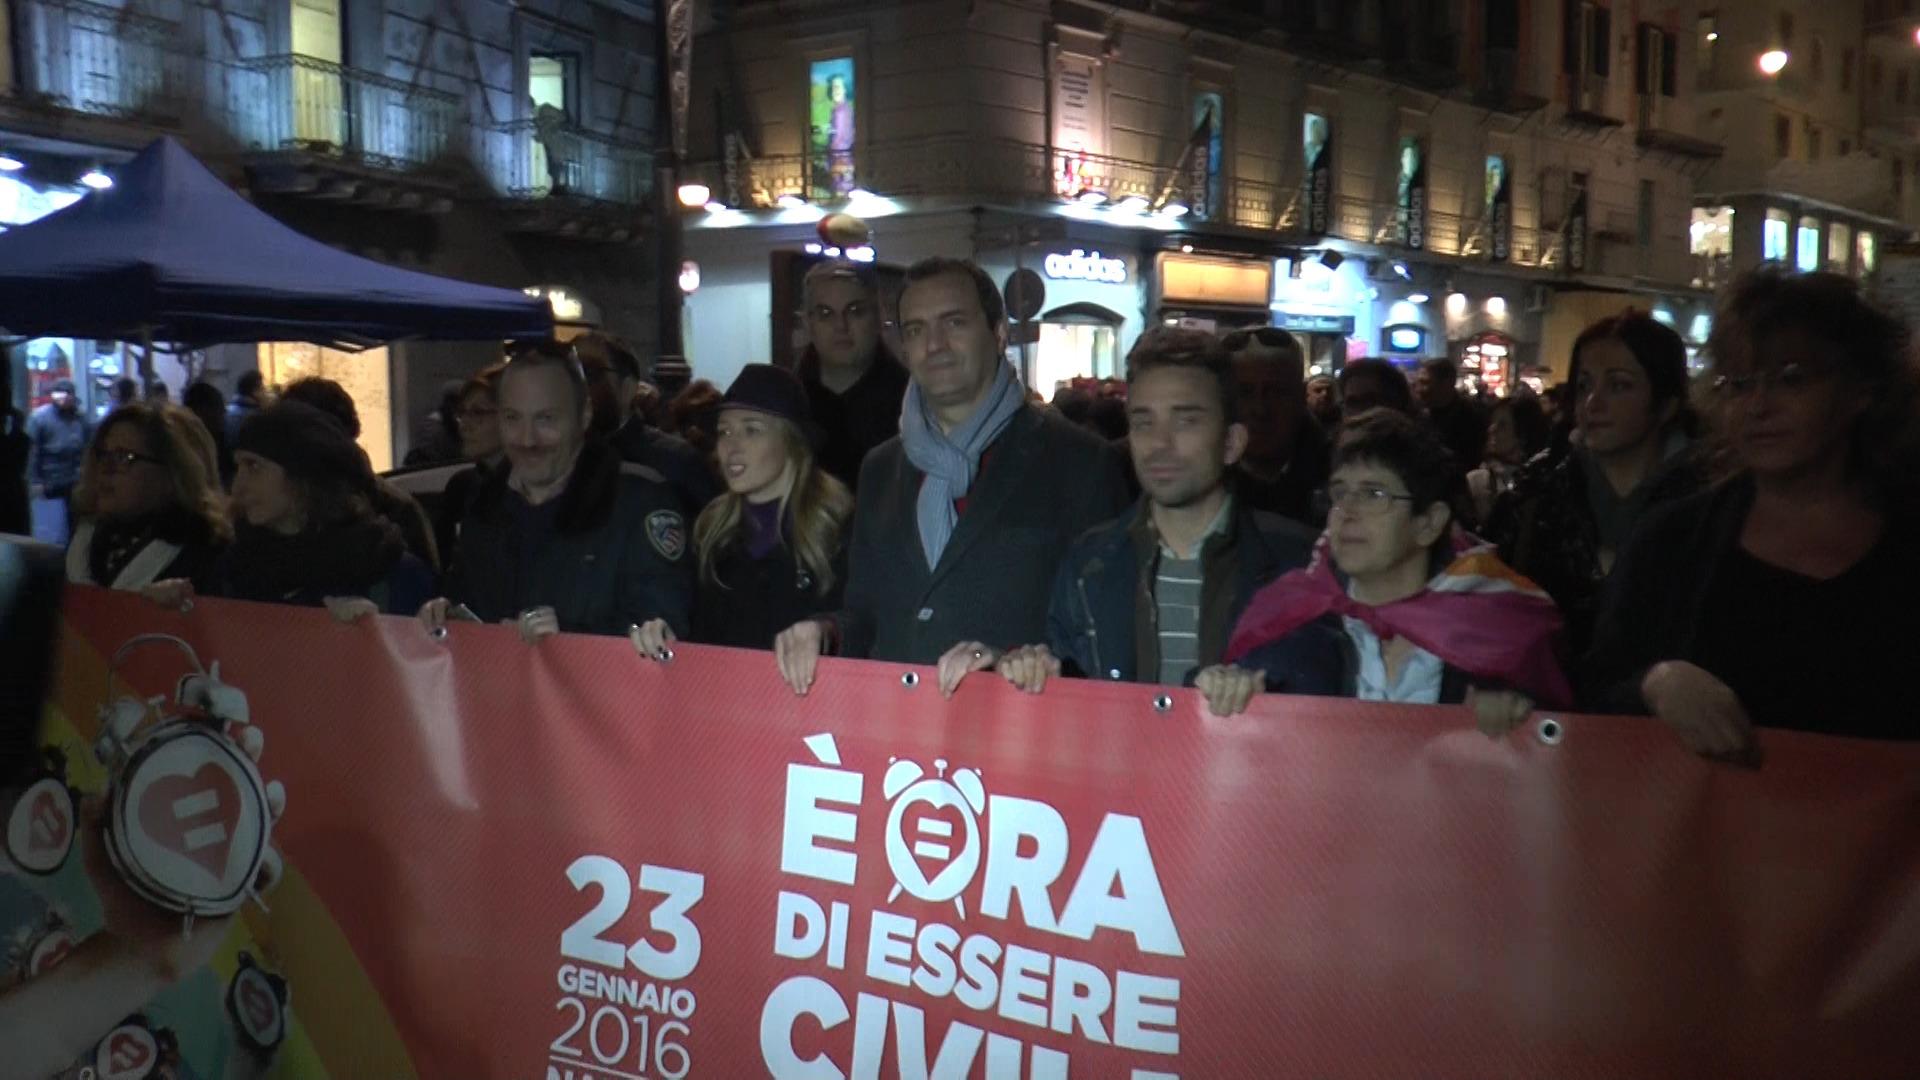 Svegliati Italia, in migliaia sfilano a Napoli per le unioni civili